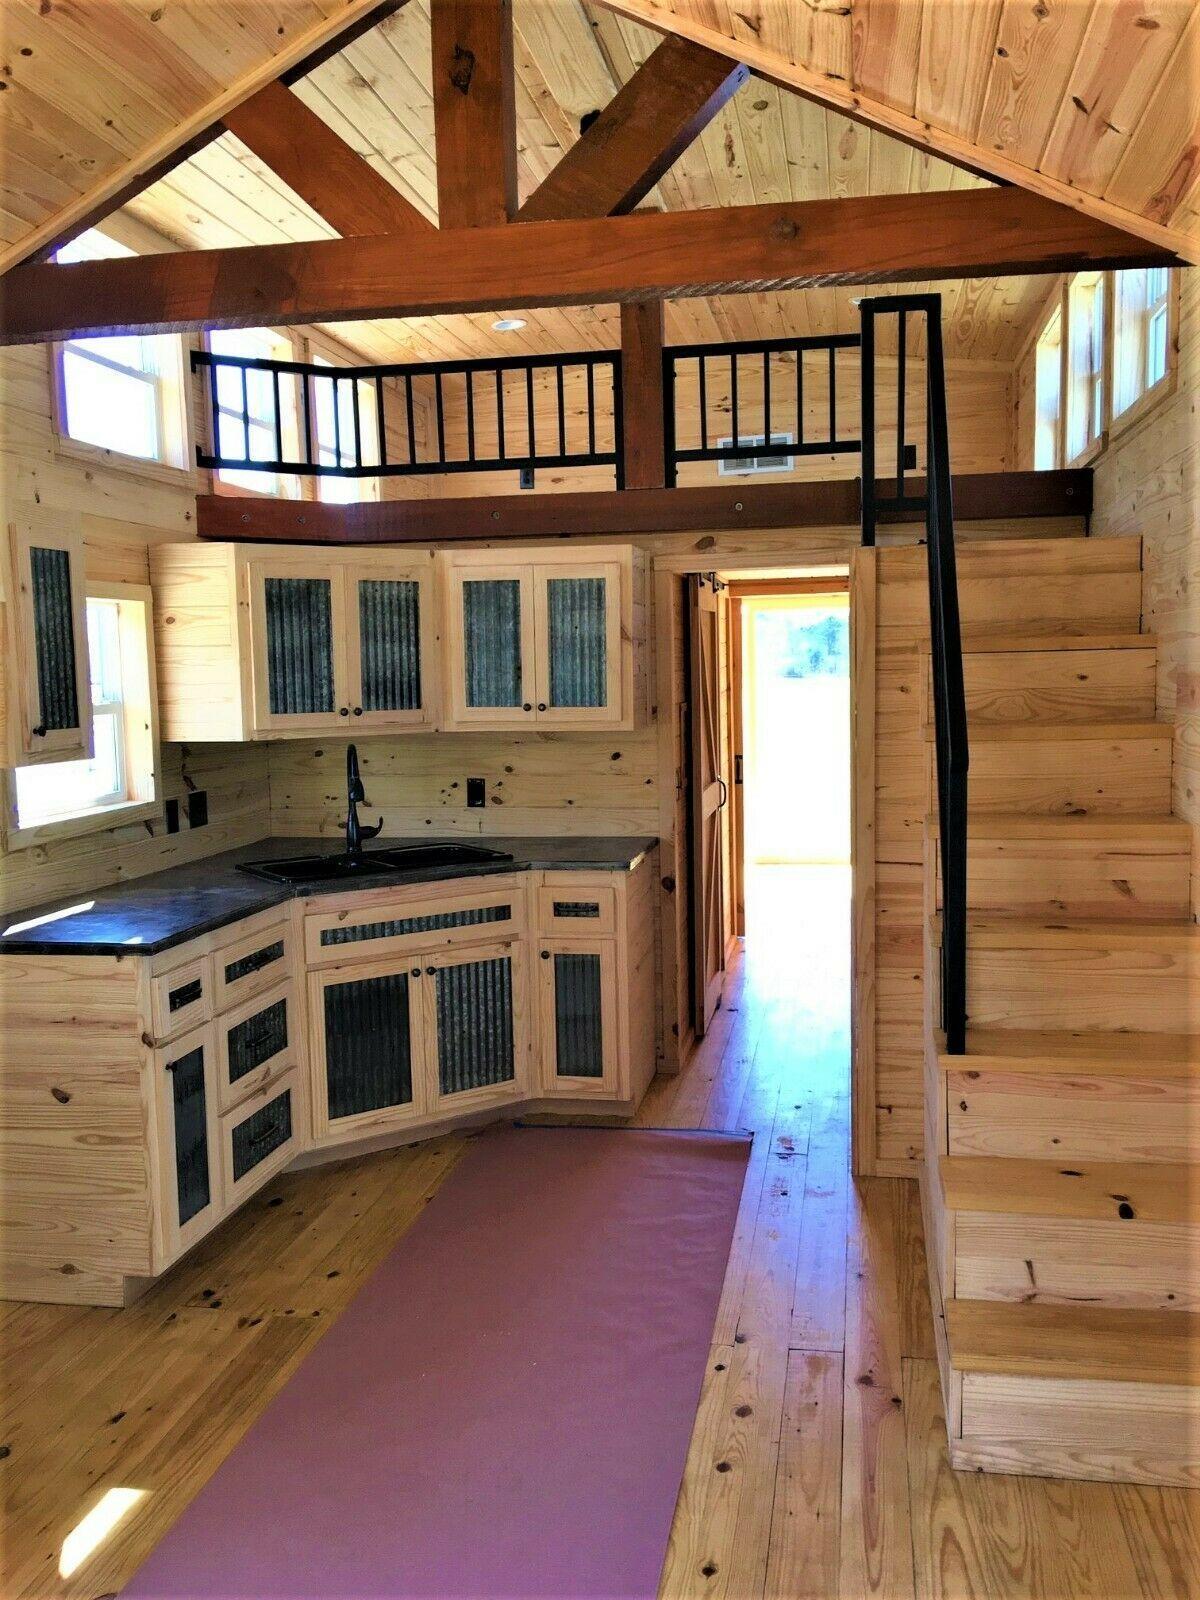 Cabine Tiny House Beaucoup De Styles Prefabrique Pour Votre Lot Propriete Meubles Eb In 2020 Tiny House Interior Design Tiny House Cabin Tiny House Inspiration